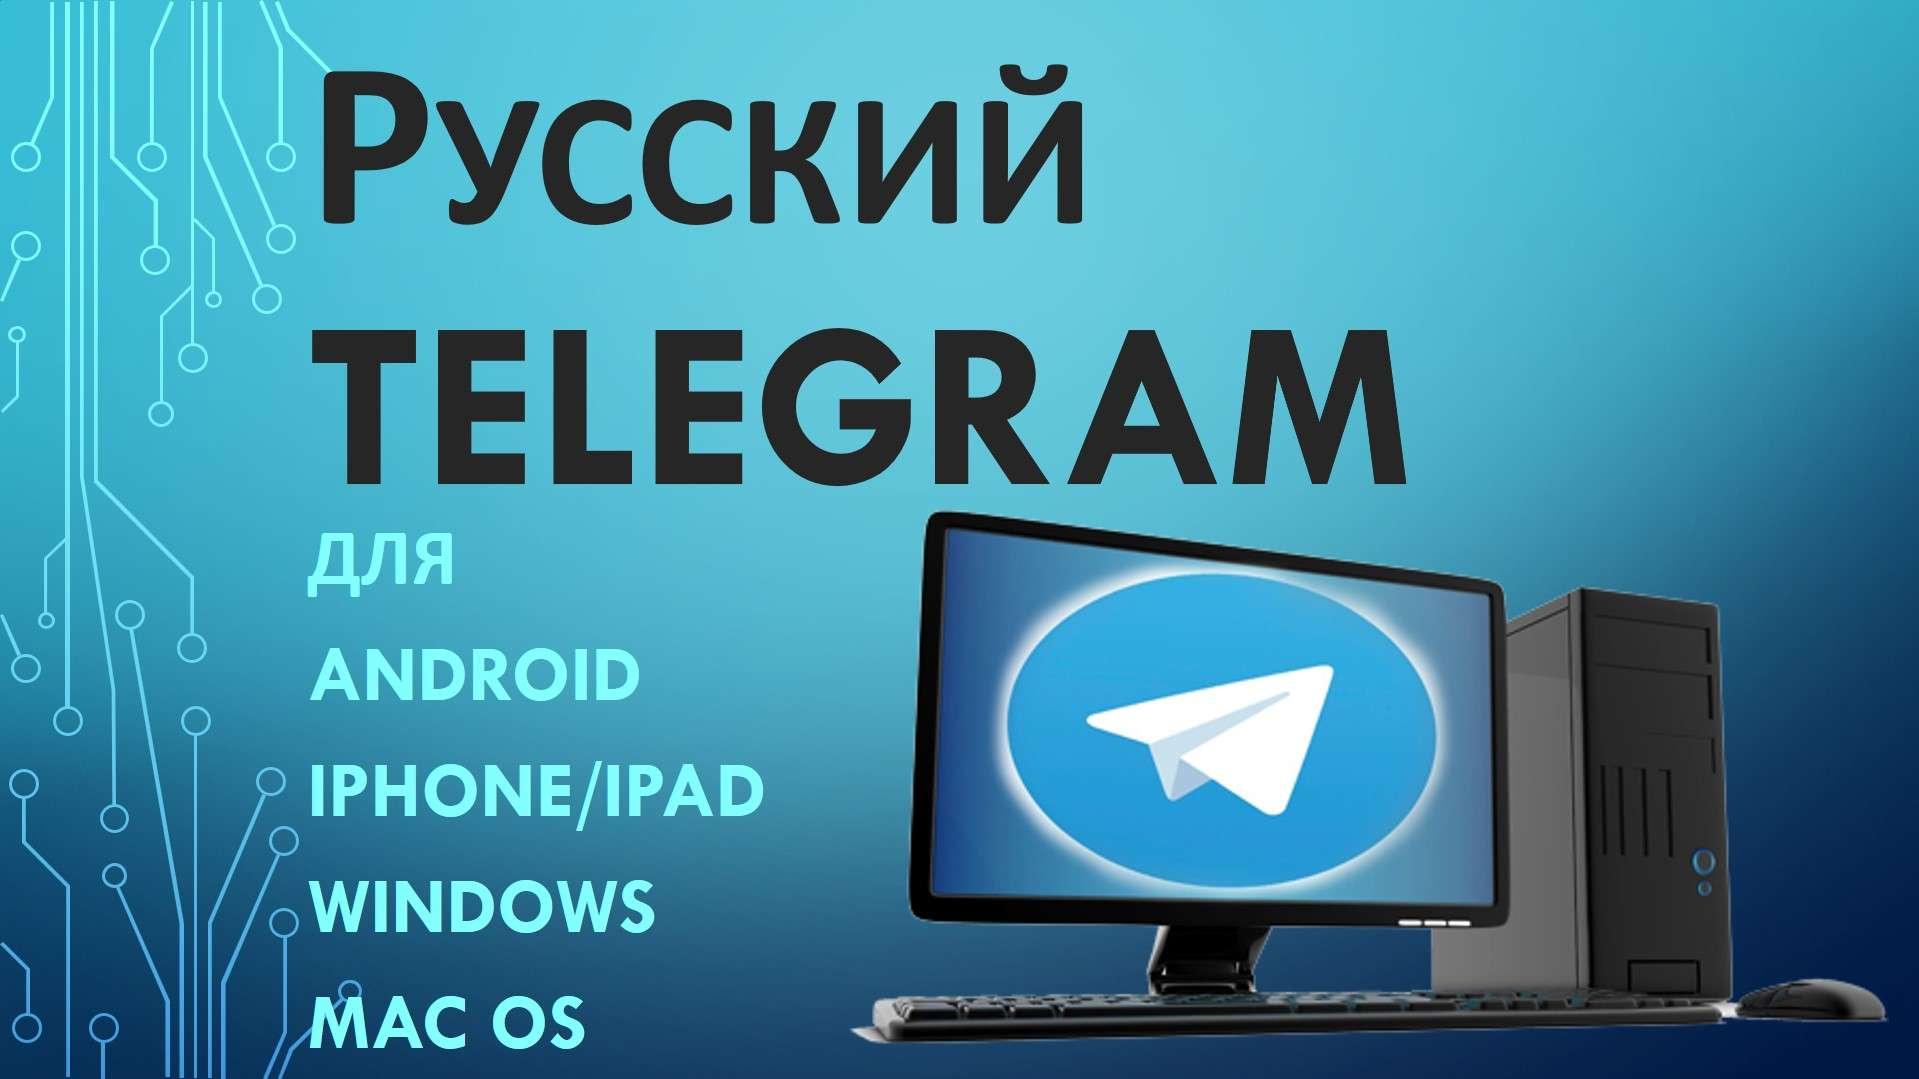 Как установить Русский язык в TELEGRAM?